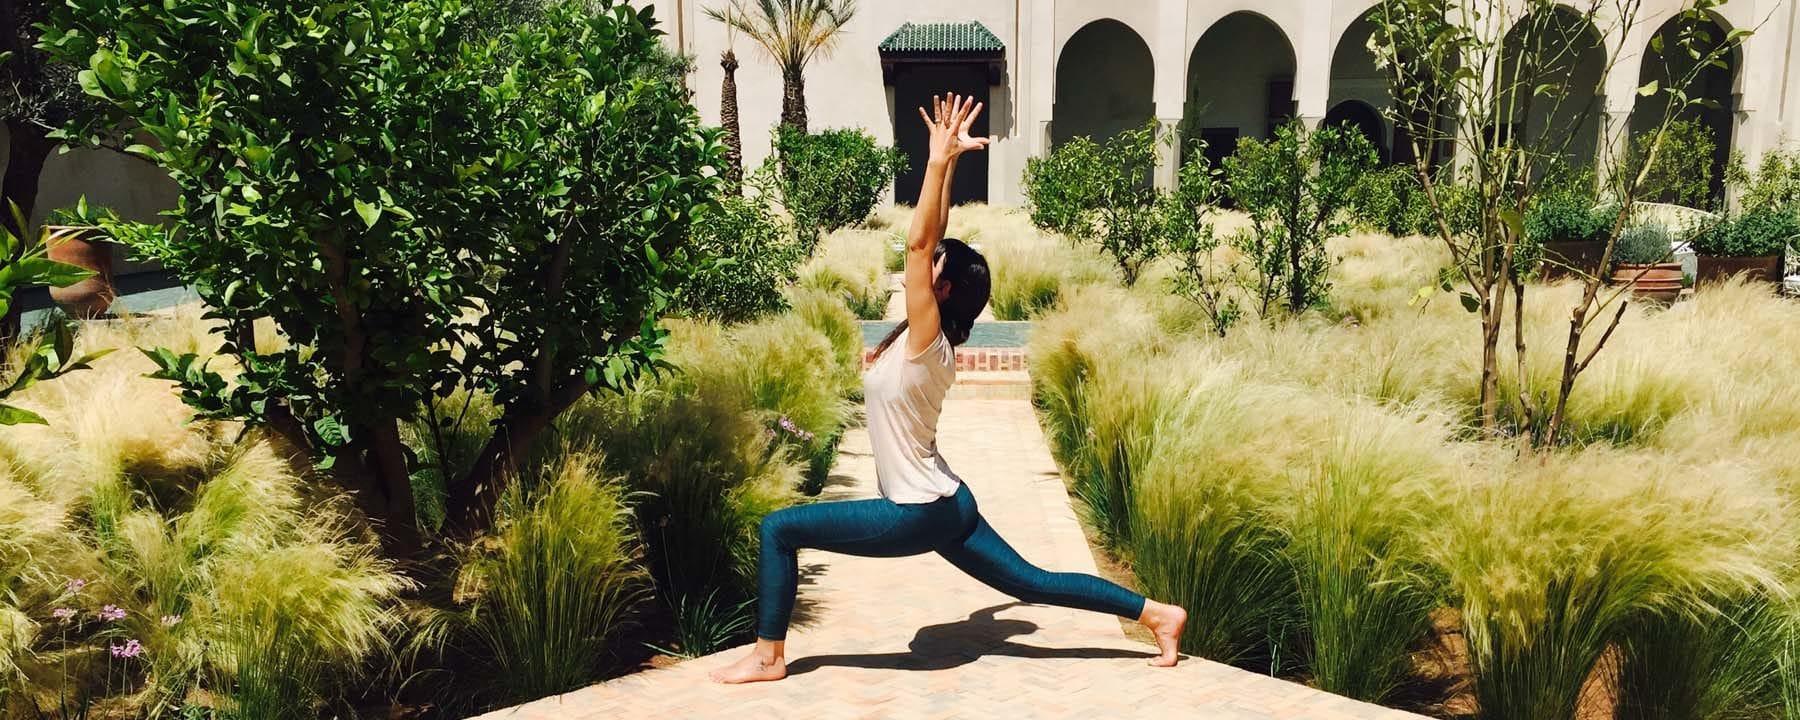 NOSADE Yoga Garden Marrakech_Source NOSADE